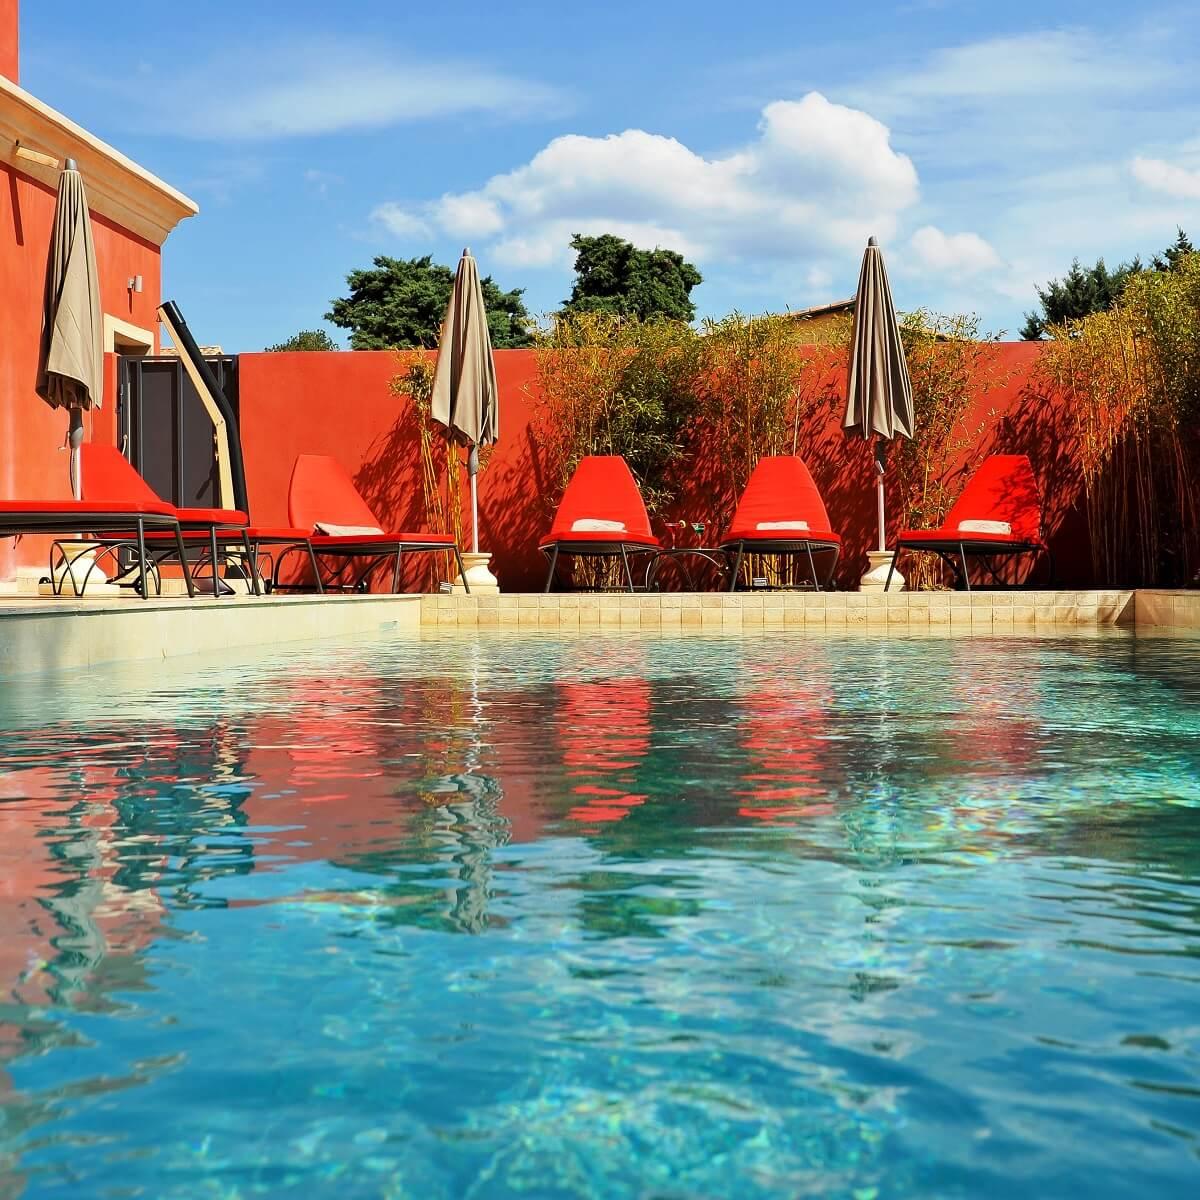 Piscine extérieure - Hôtel Liberata - L'île Rousse - Haute-Corse